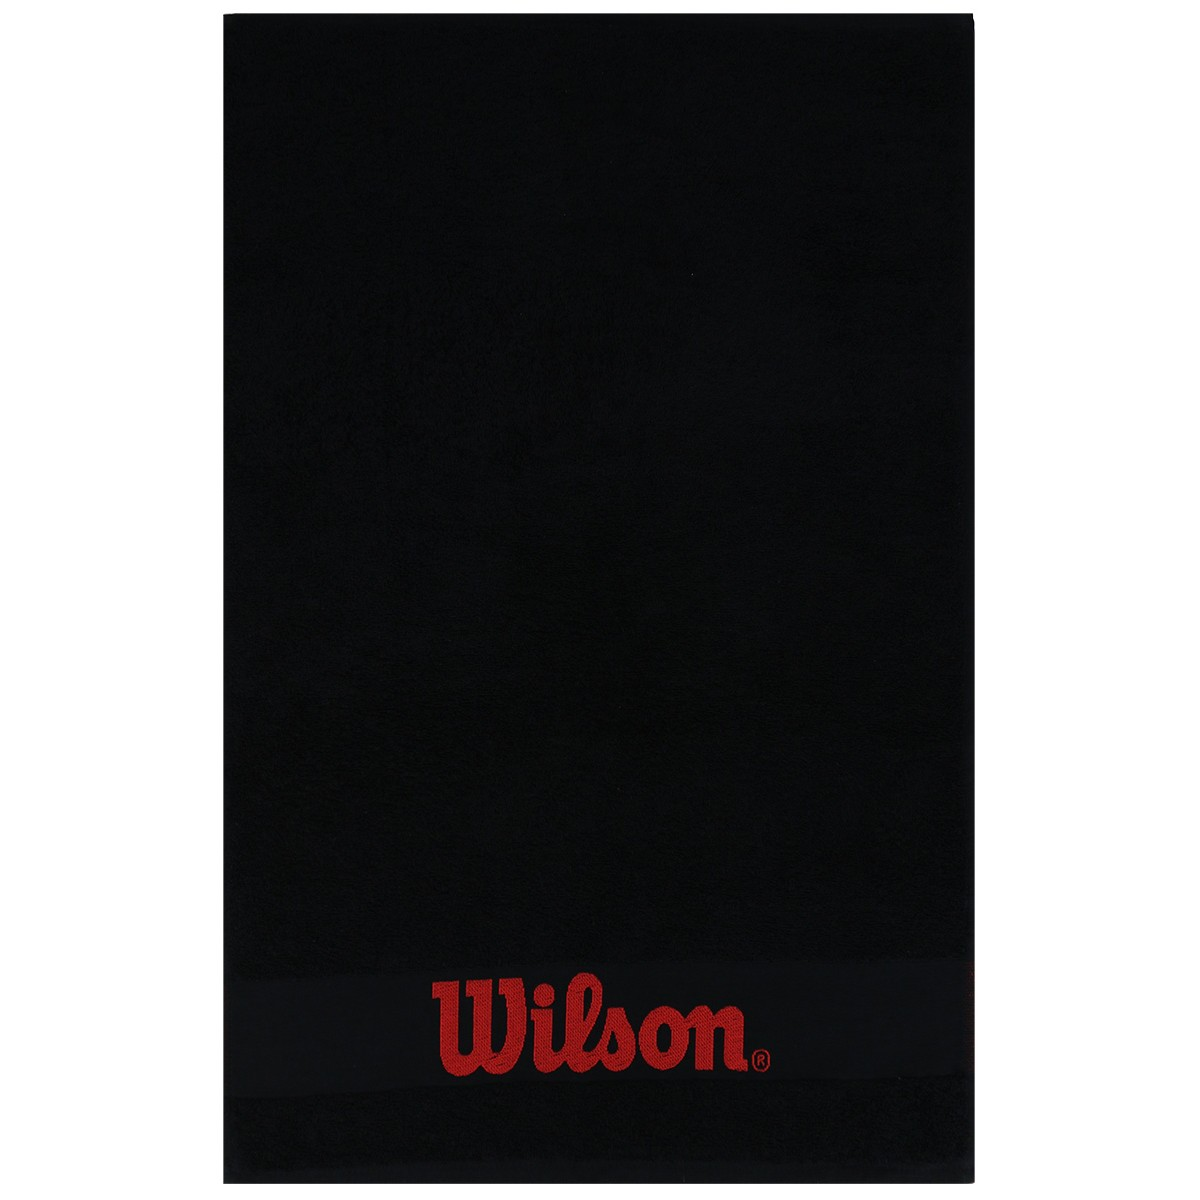 SERVIETTE WILSON COURT